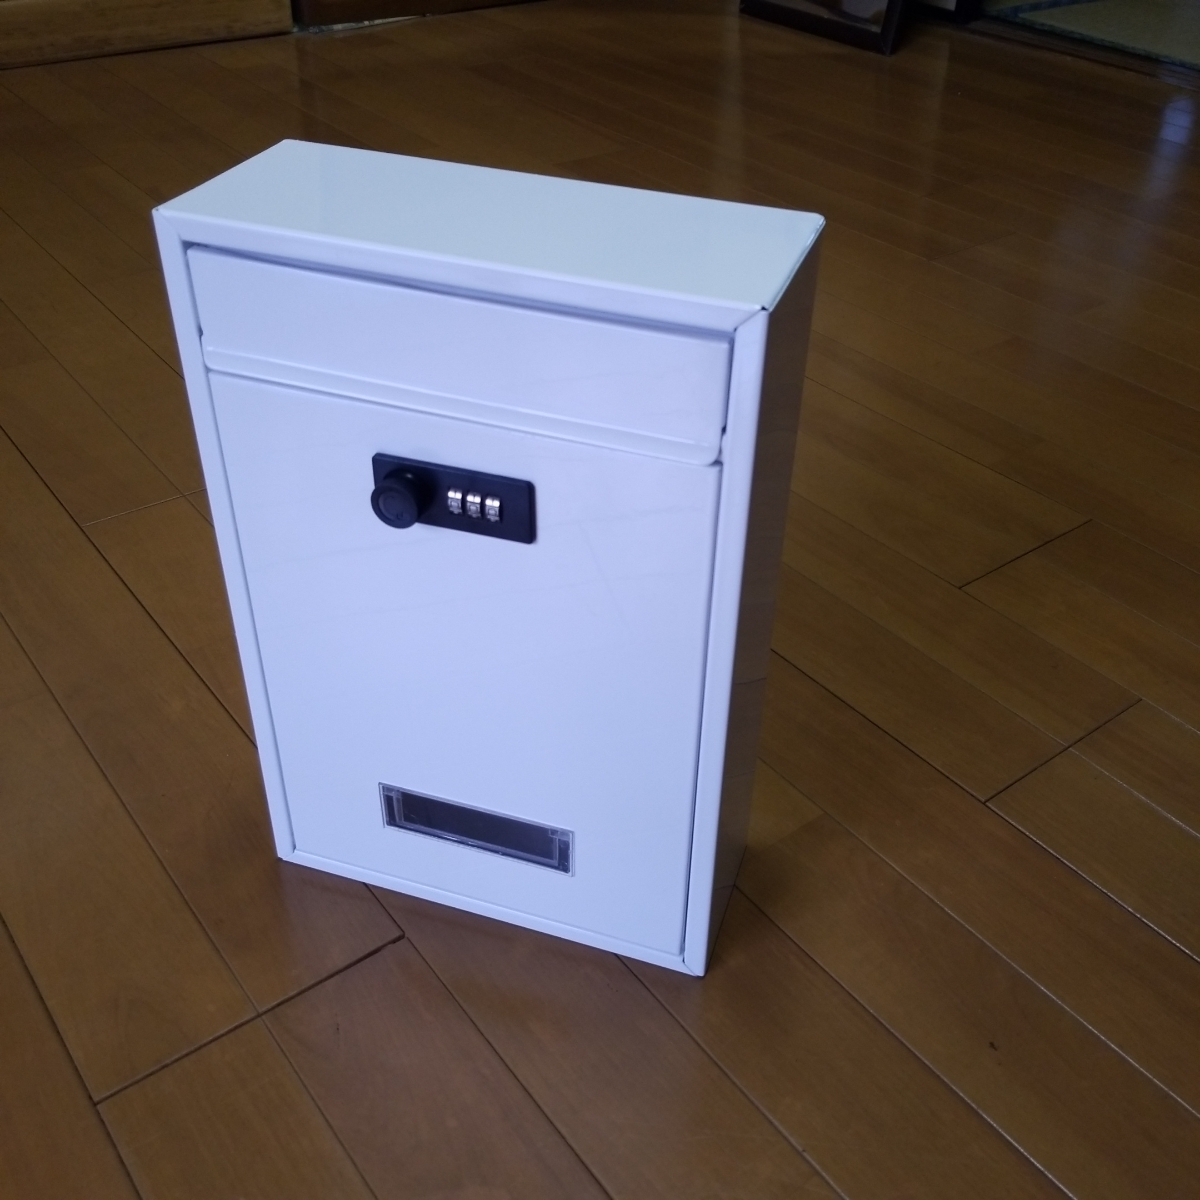 Jssmst メールboxポスト 郵便受け ダイヤル式 暗証番号 金属製 Mail-06 ホワイト